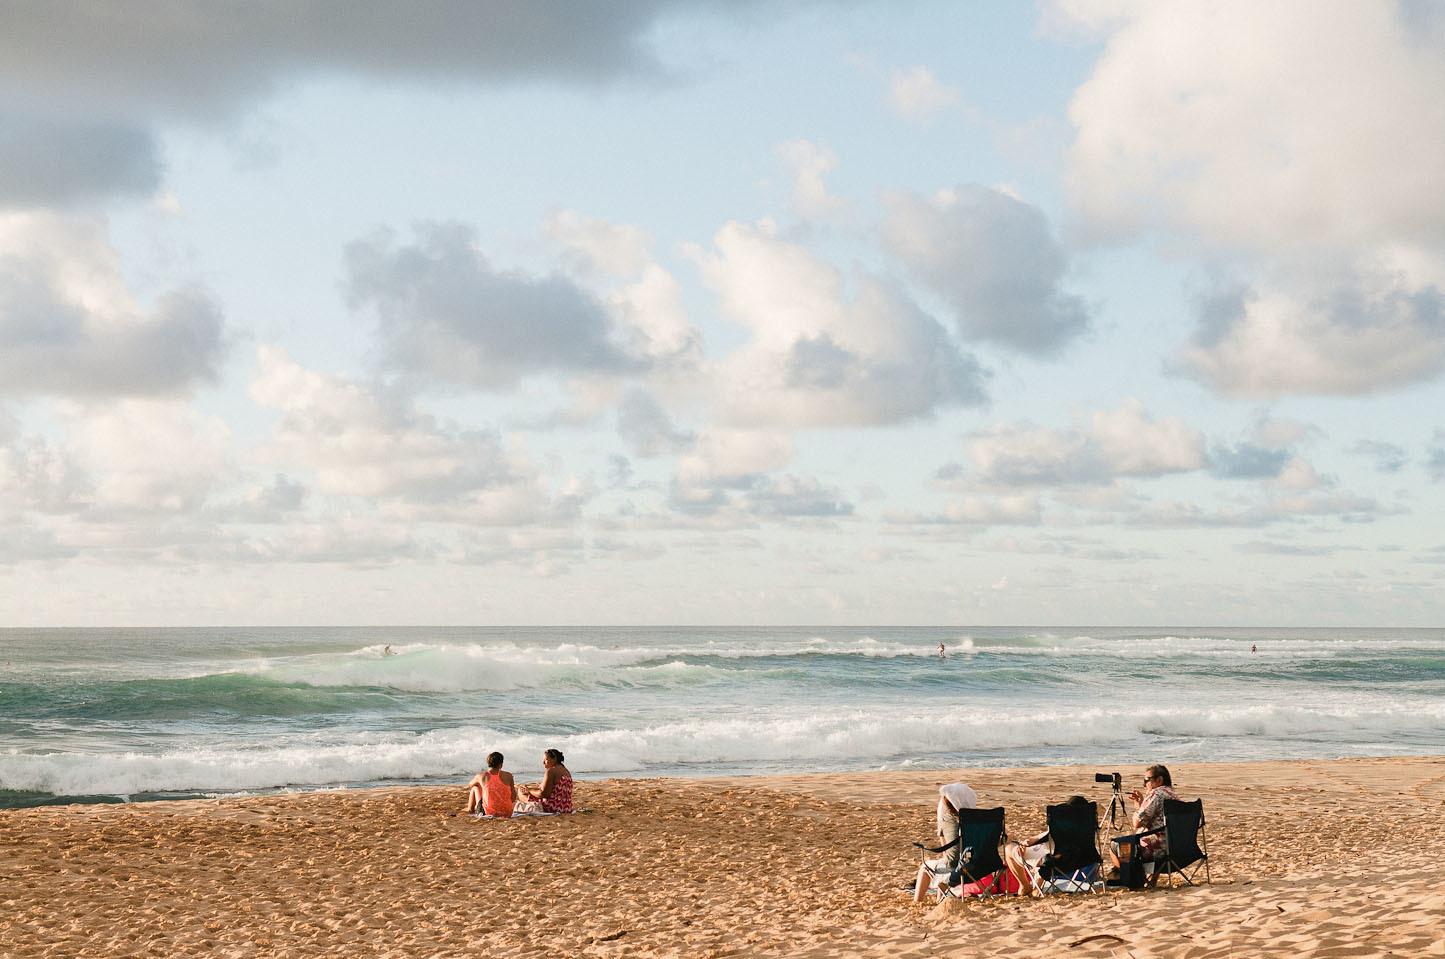 hawaii2013_49.jpg